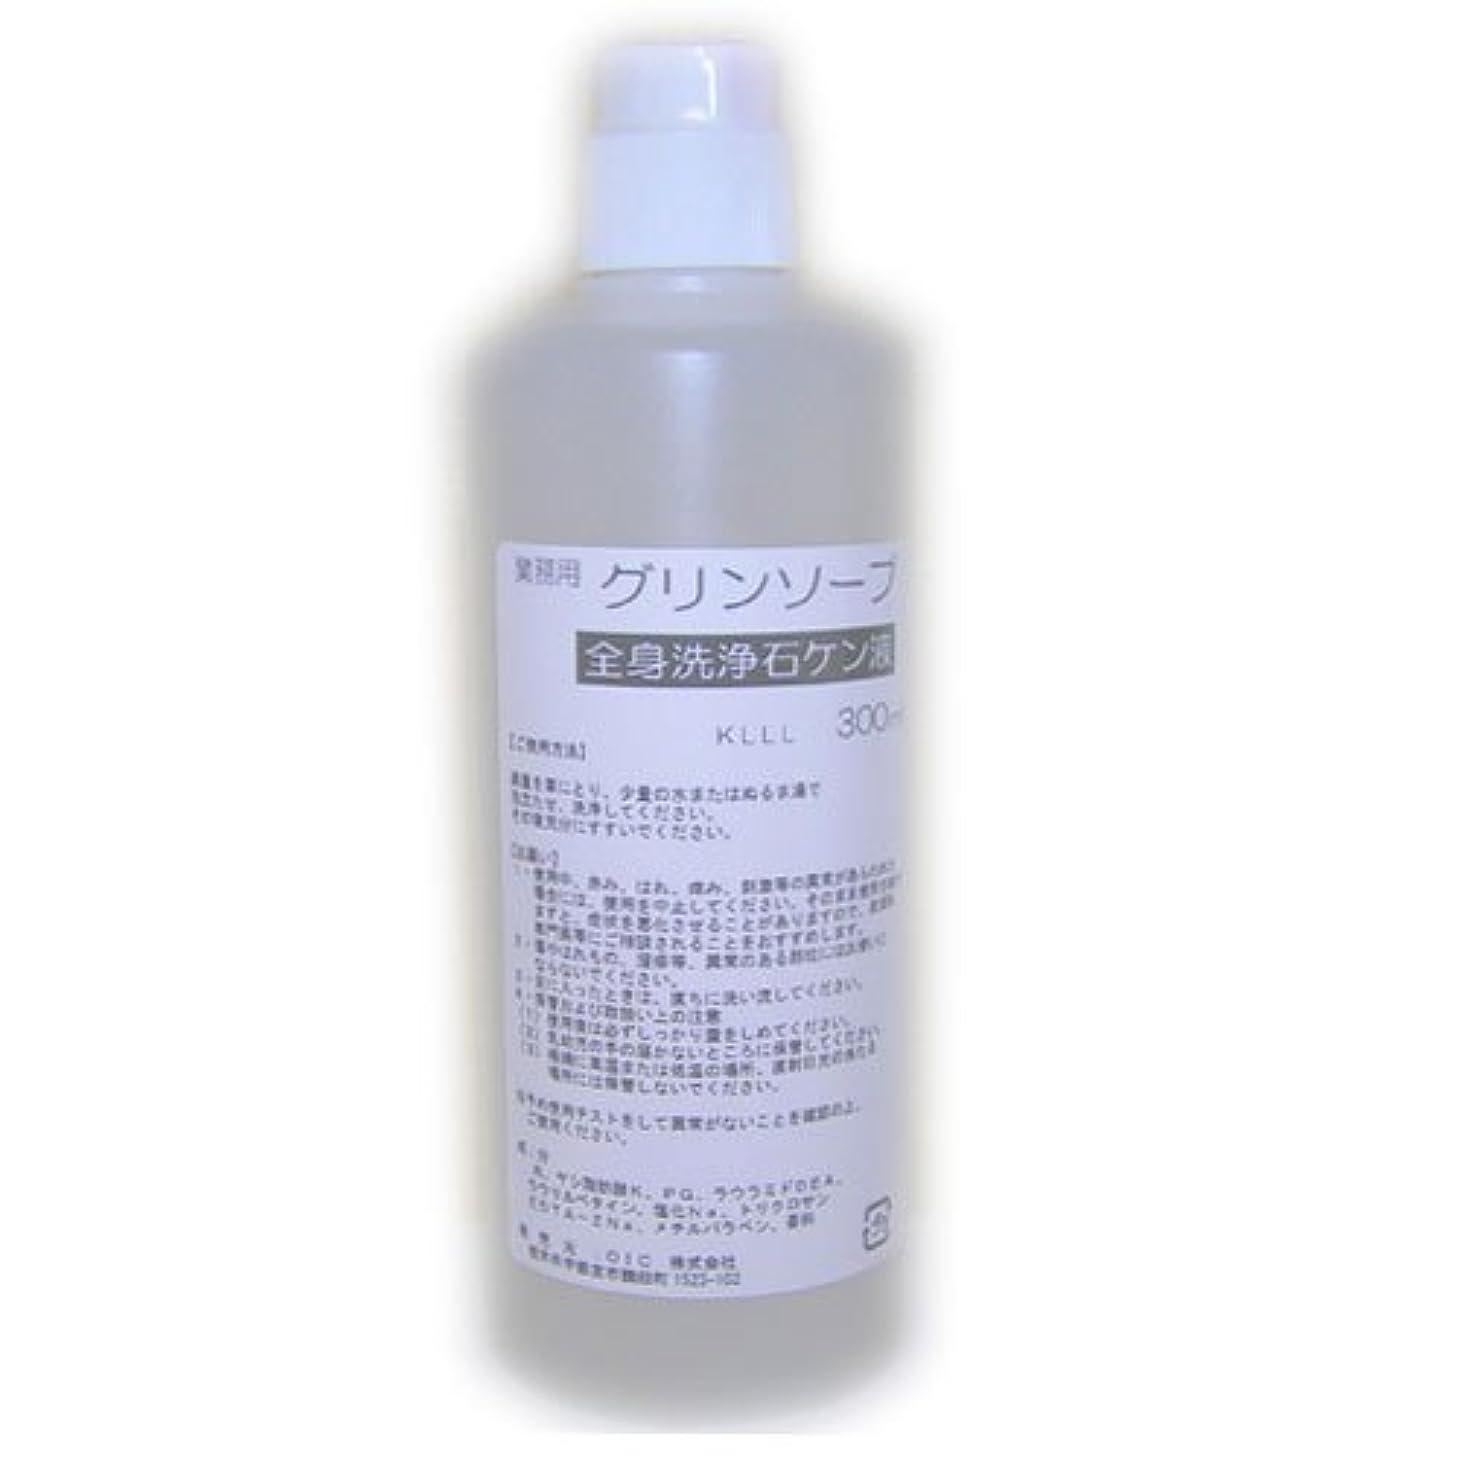 レモン対称緯度業務用ボディソープ 殺菌成分配合?消毒石鹸液 グリンソープ (300ml (5本セット))